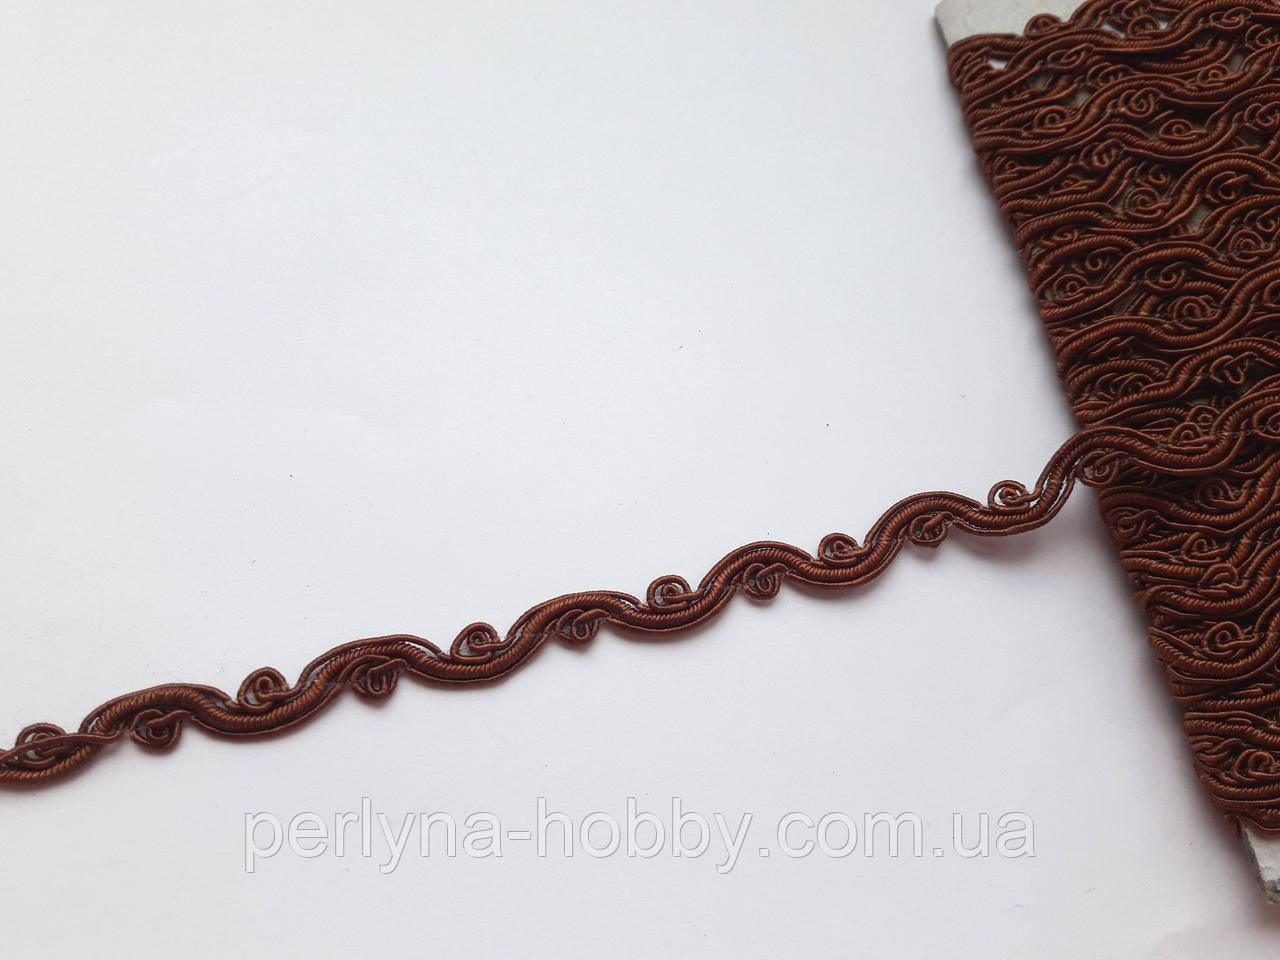 Тасьма декоративна Хвилька 8 мм, коричнева